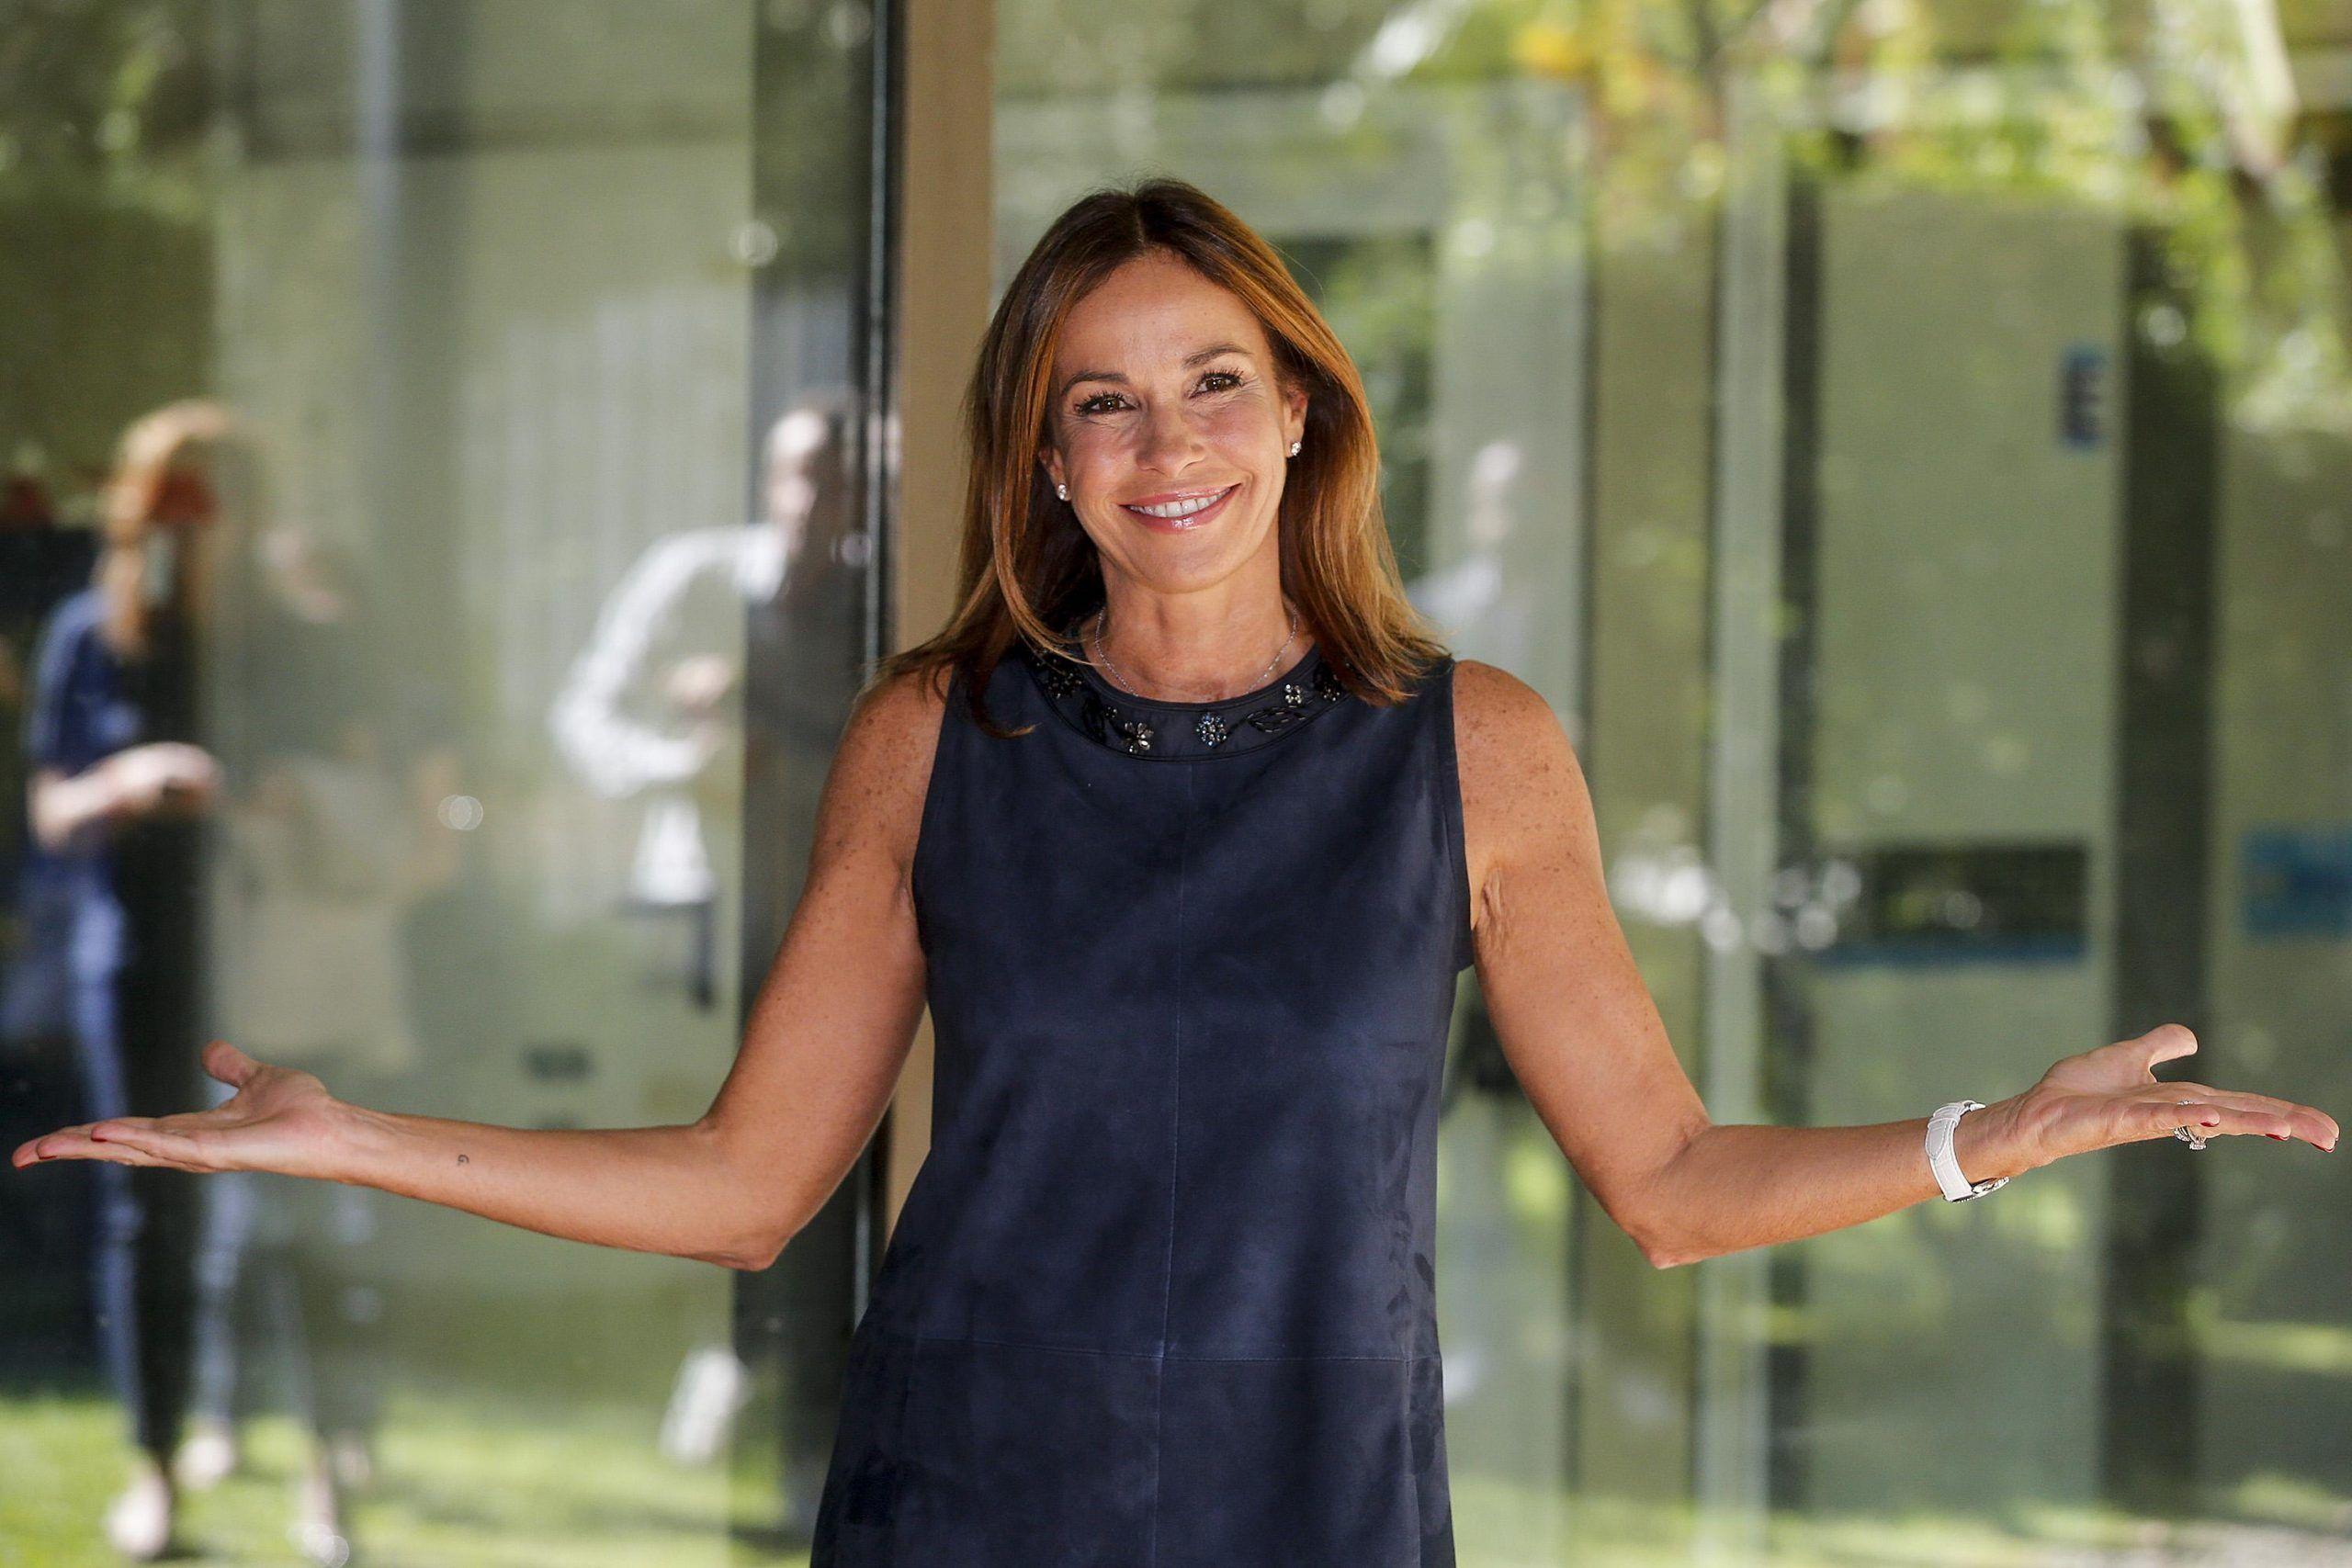 Cristina Parodi su Domenica In: 'Ascolti buoni, questa stagione non verrà ricordata male'